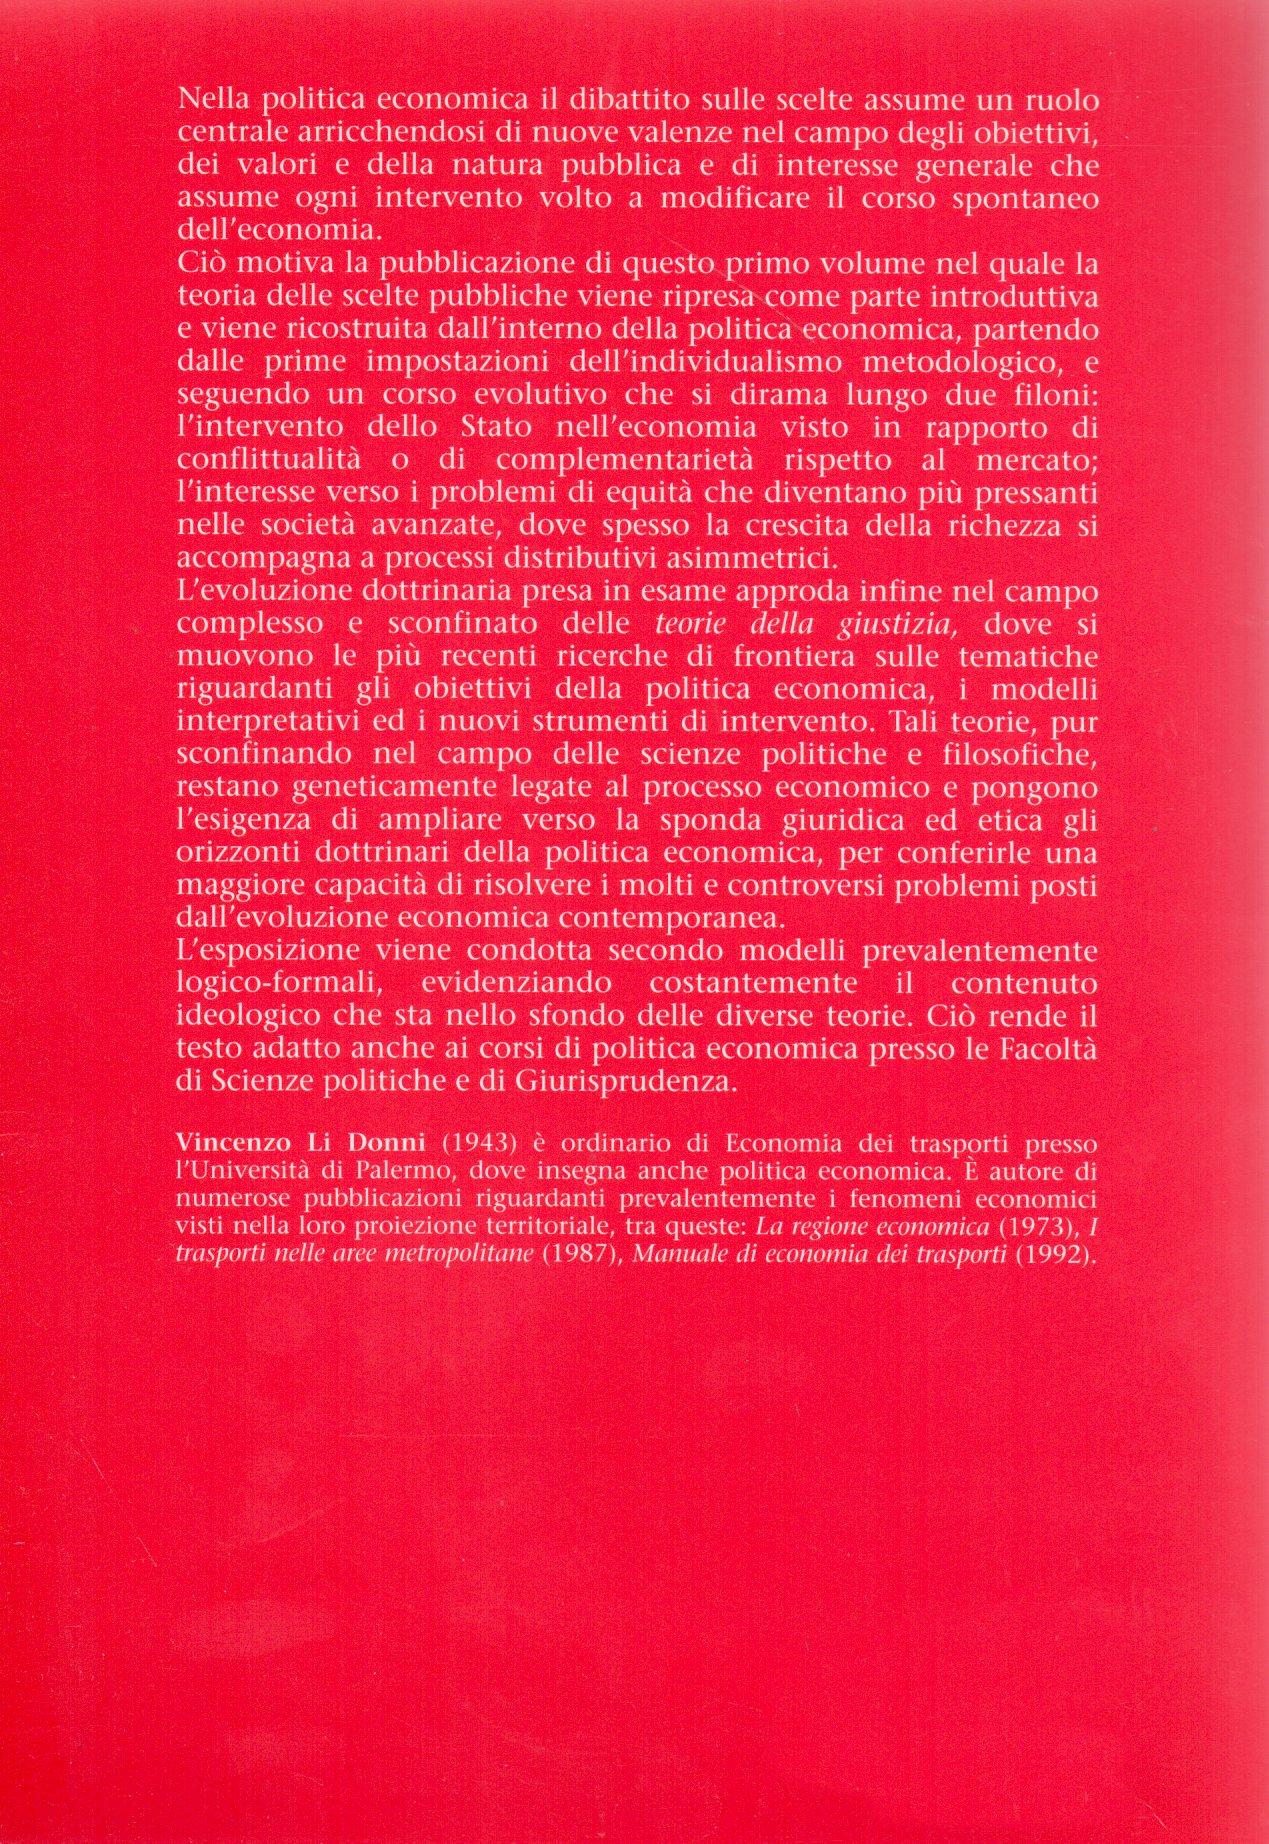 Politica economica e finanziaria. Vol. 1.: Teoria delle scelte pubbliche.